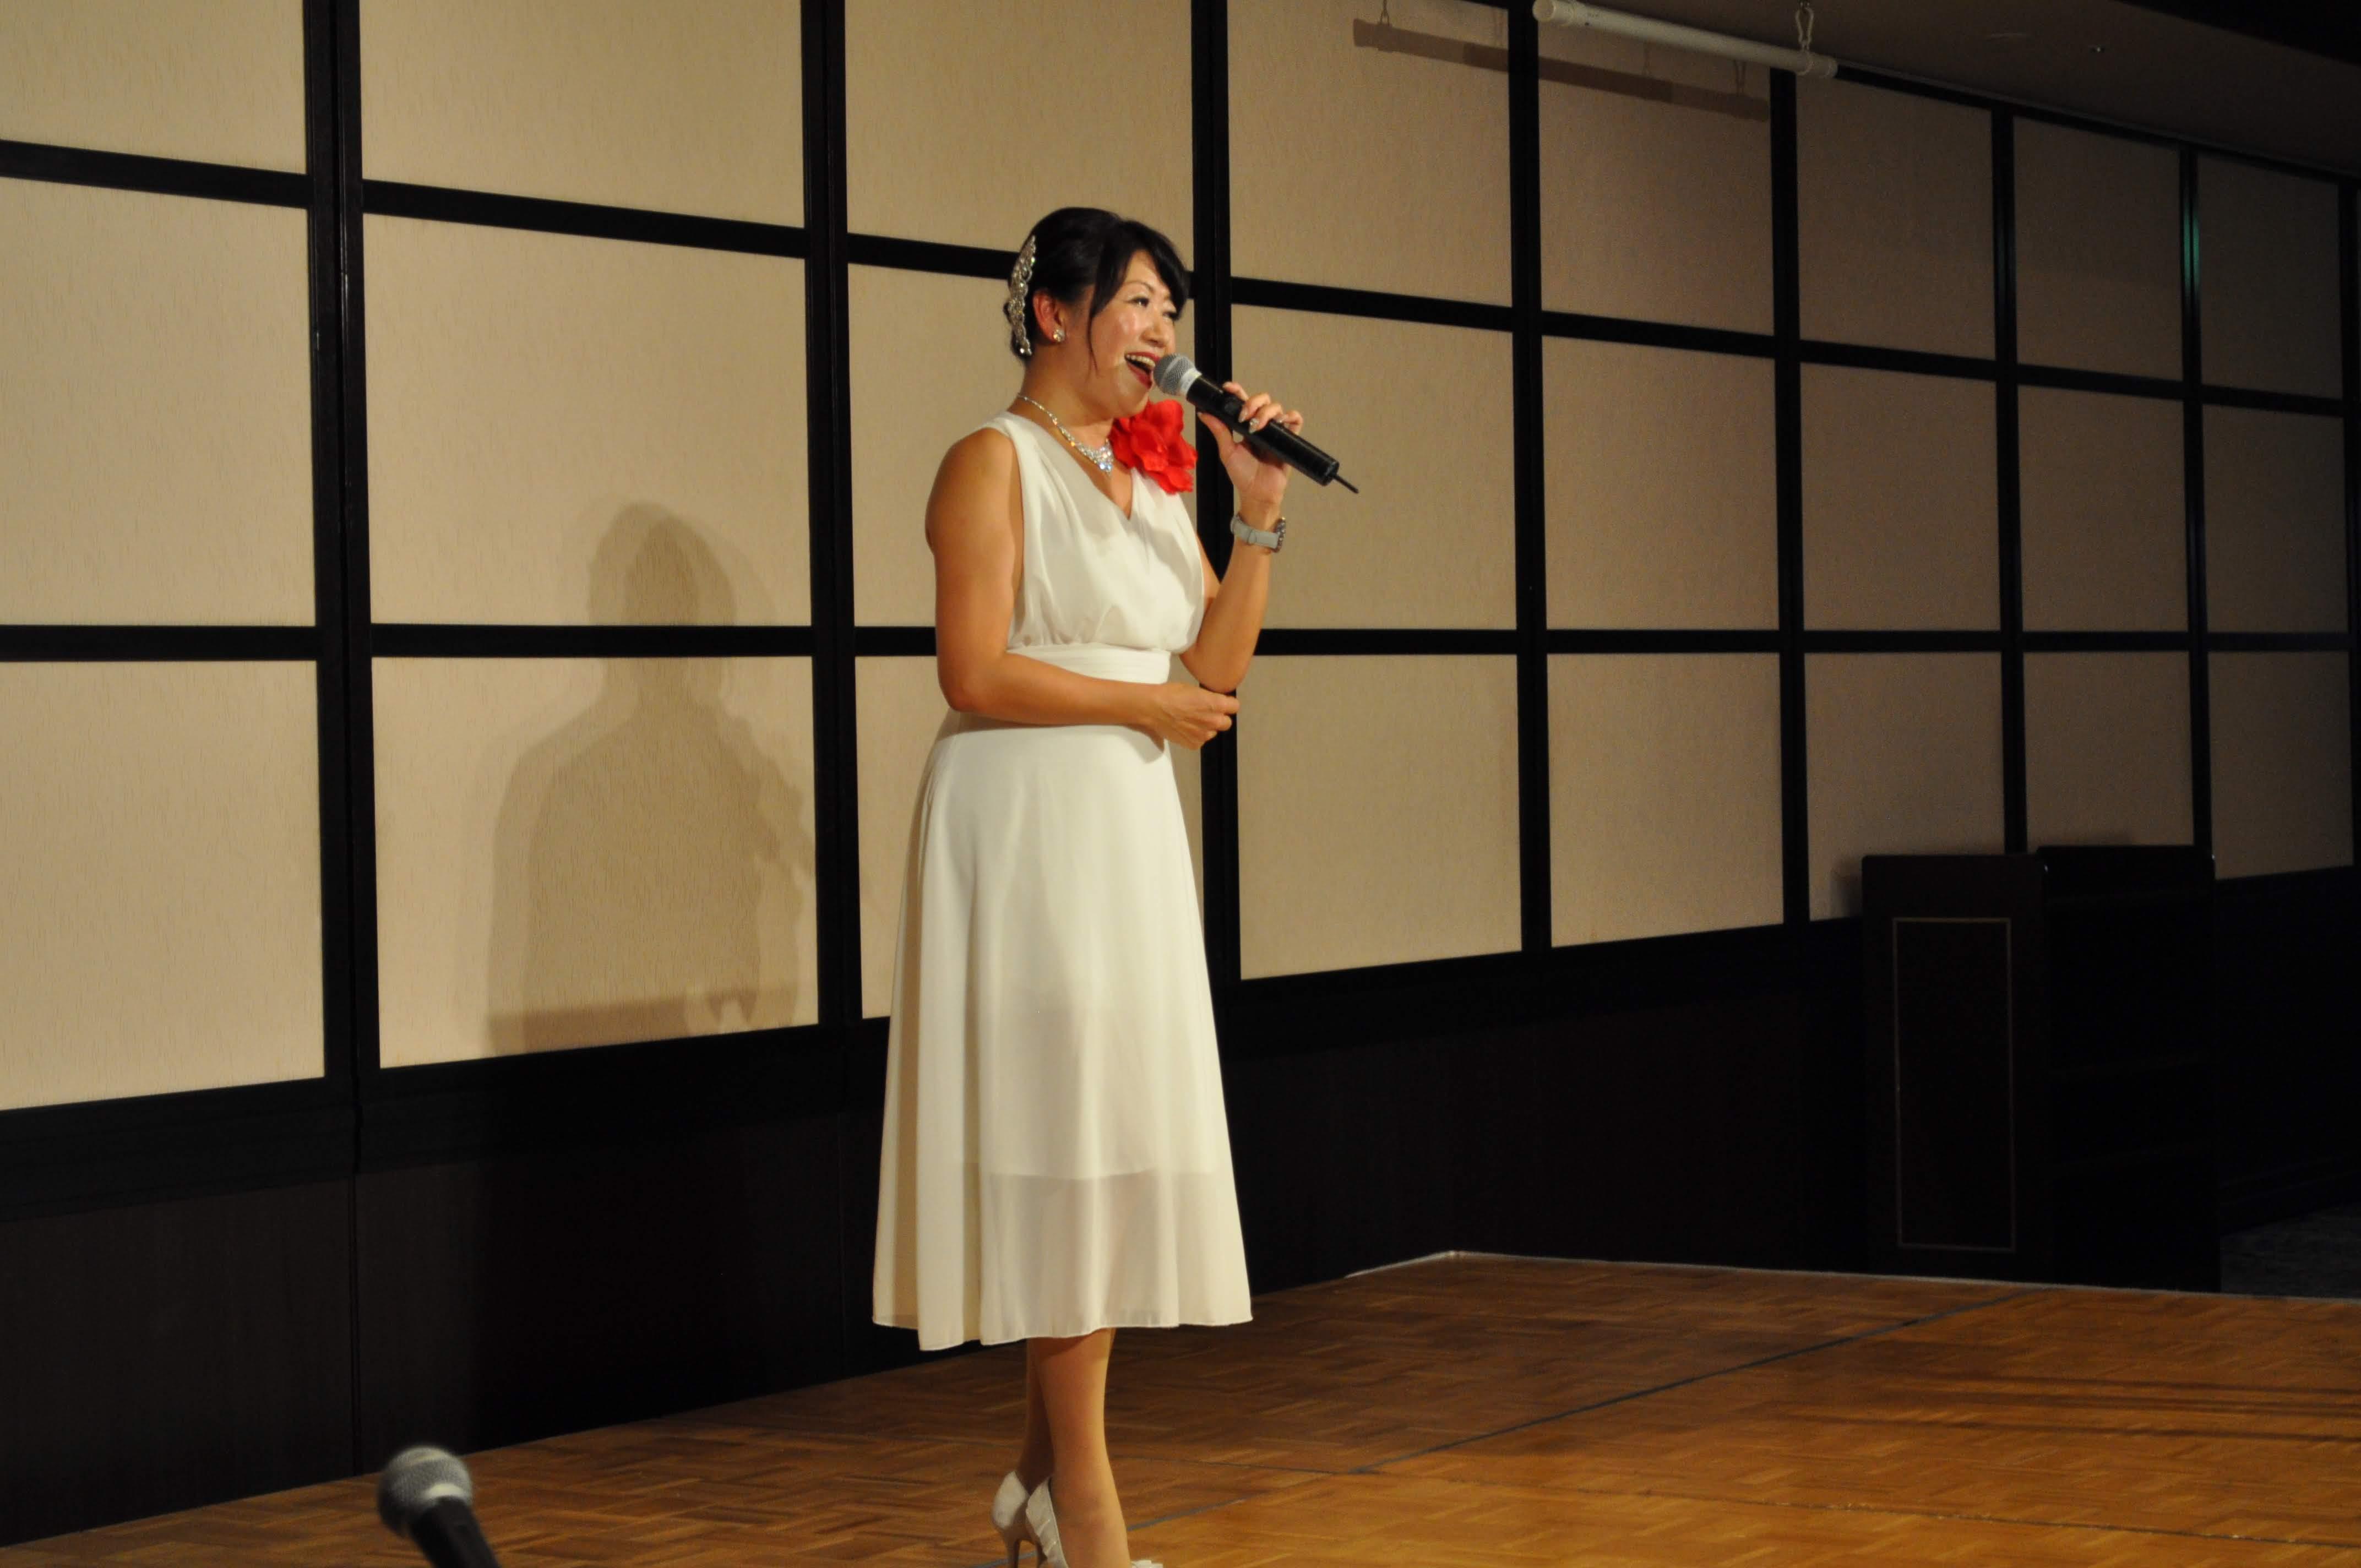 DSC 0486 1 - 思風会全国大会in広島